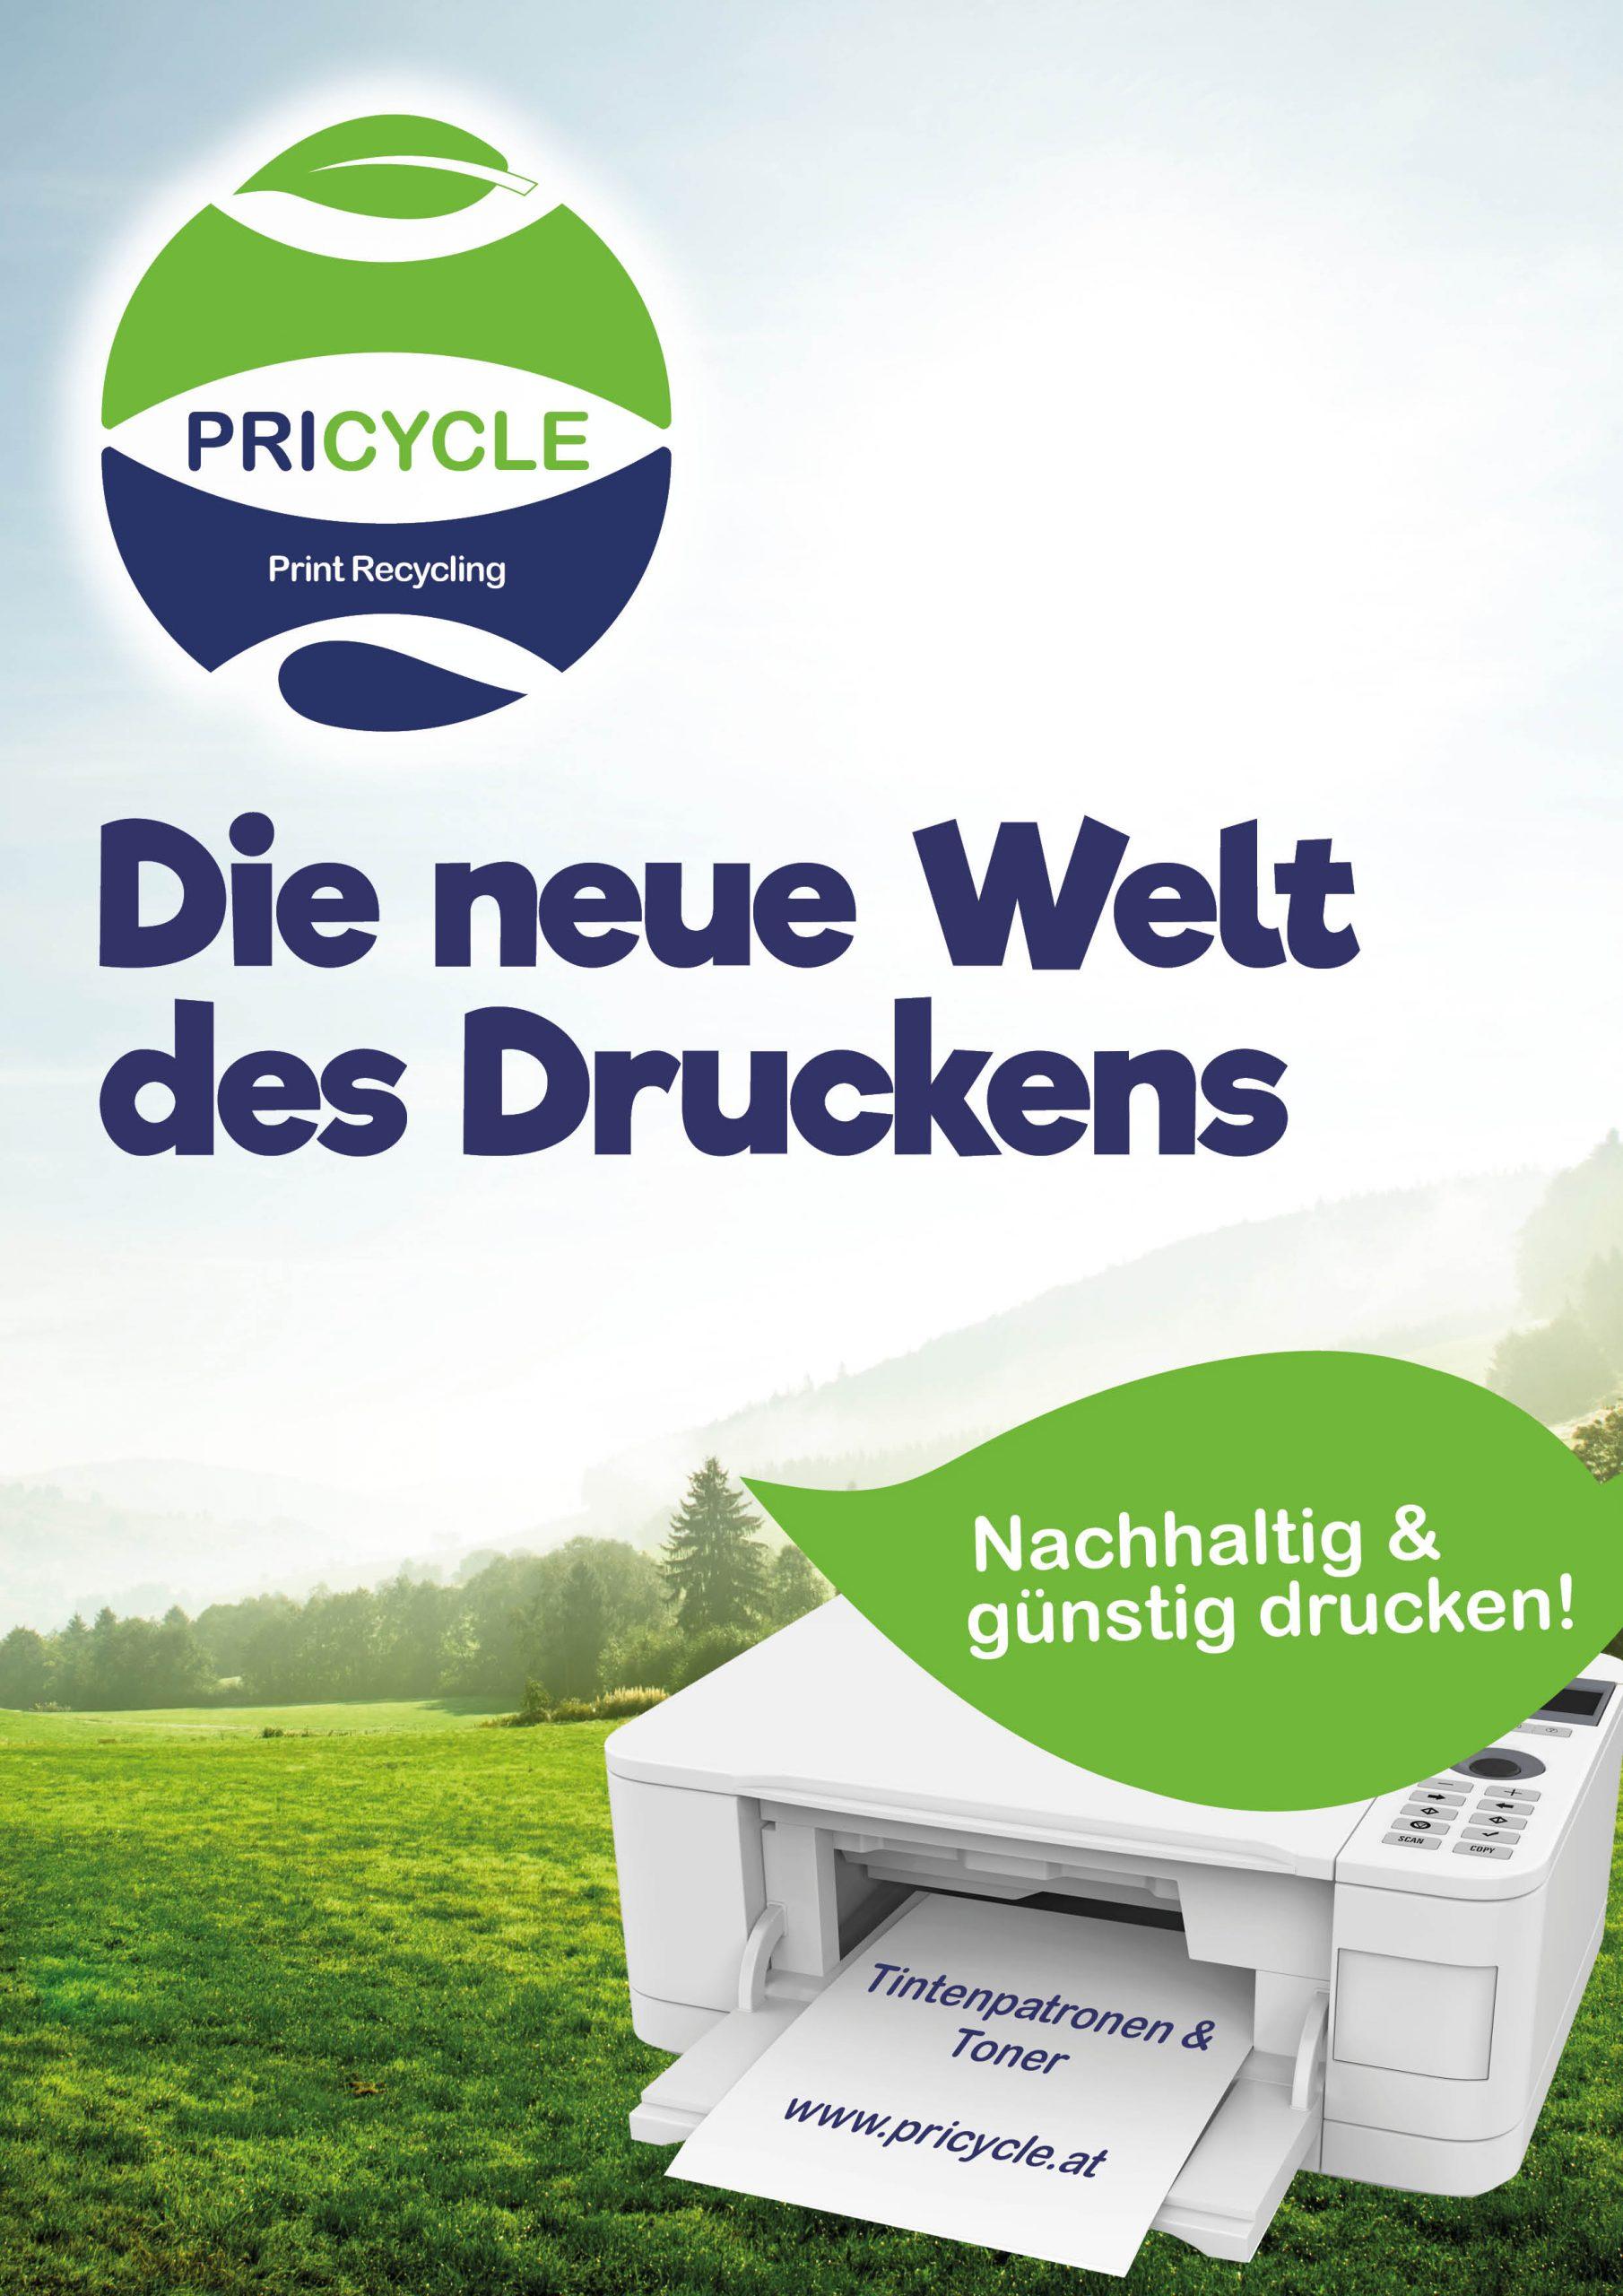 PRICYCLE-Die neue Welt des Druckens